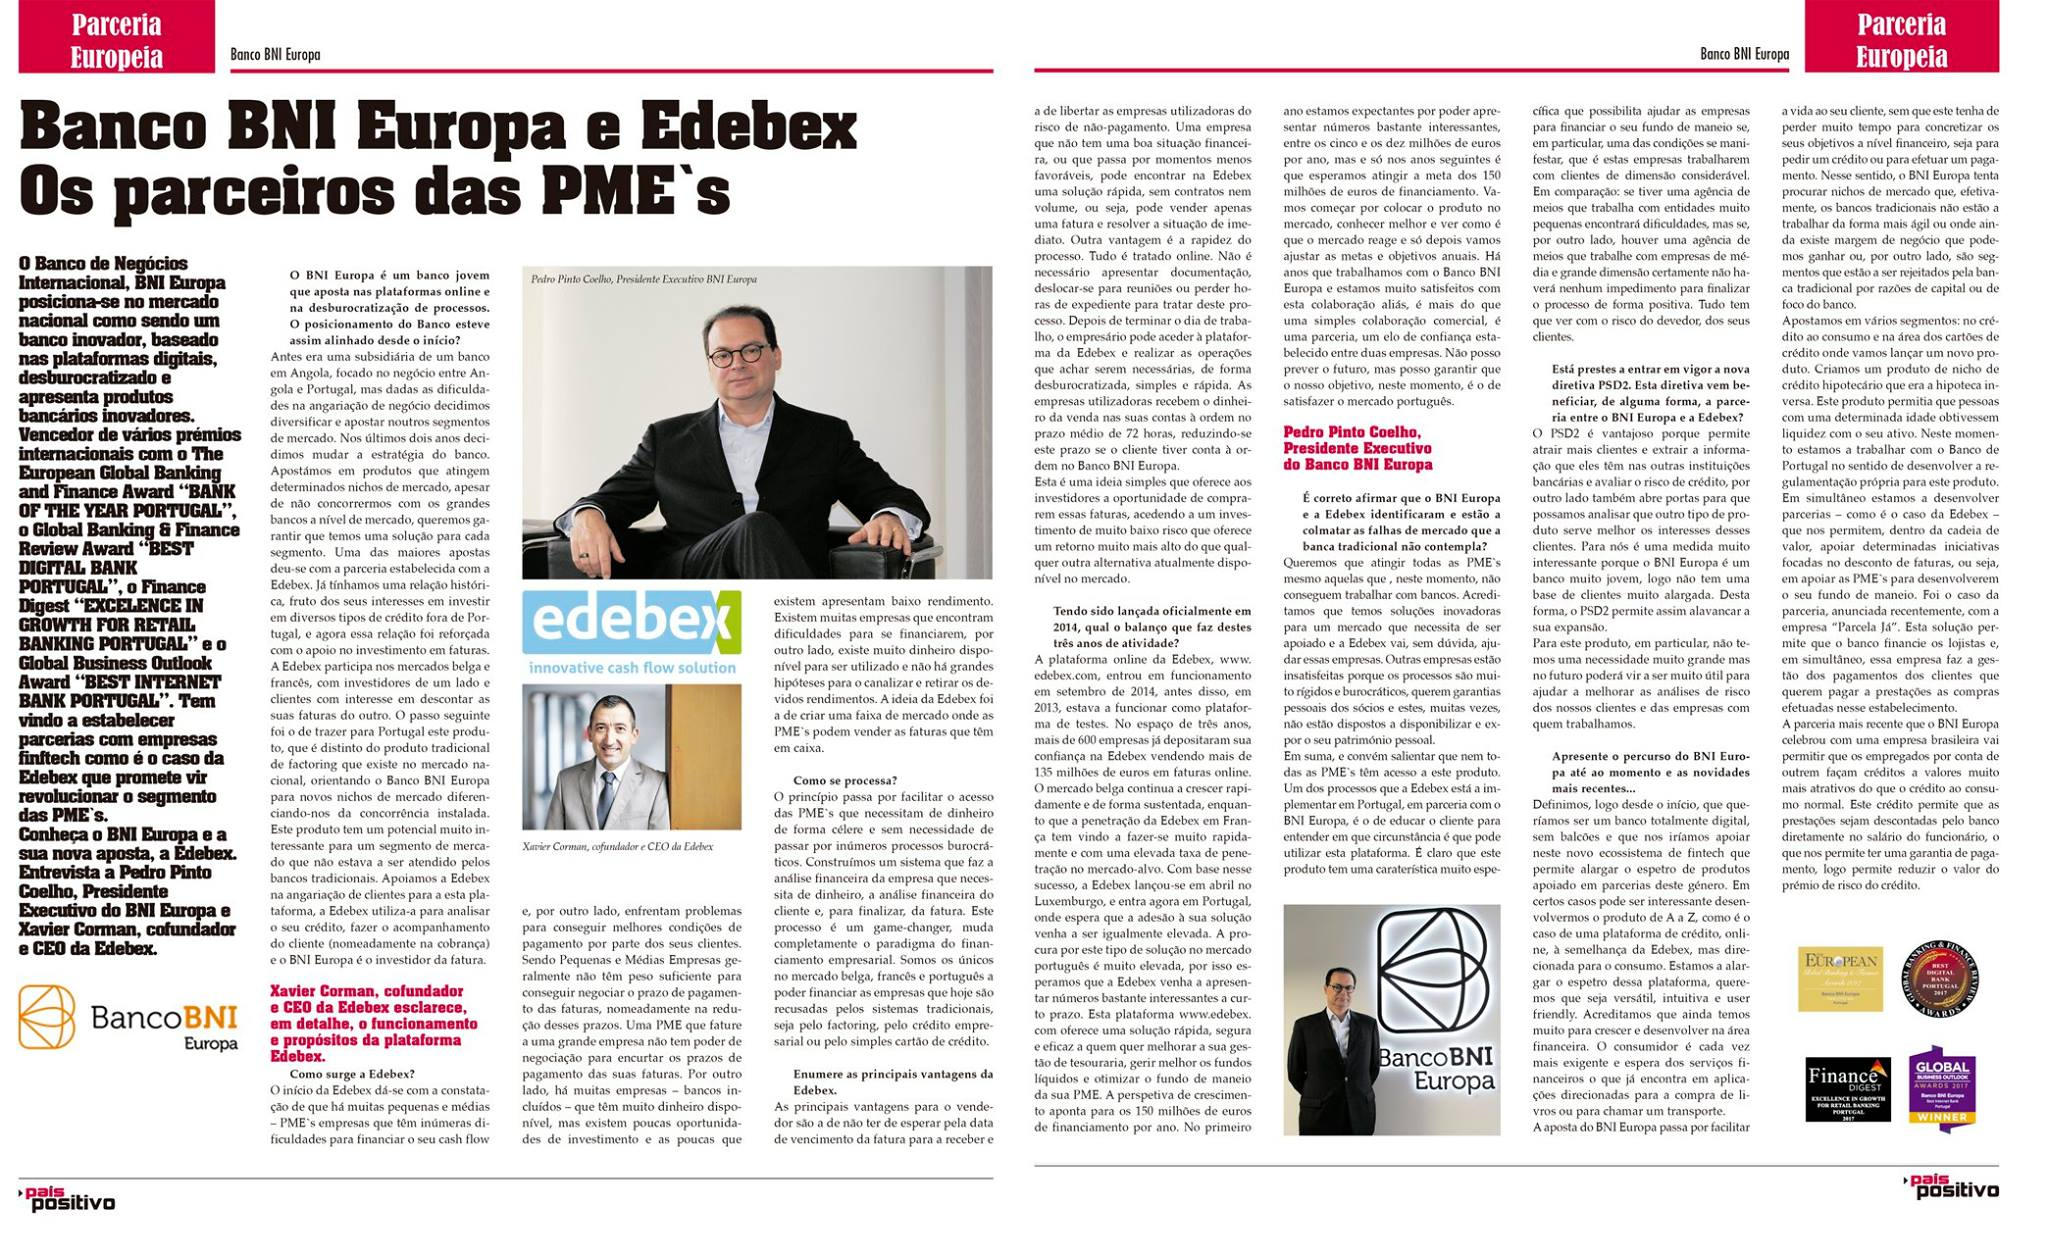 Press | BANCO BNI EUROPA